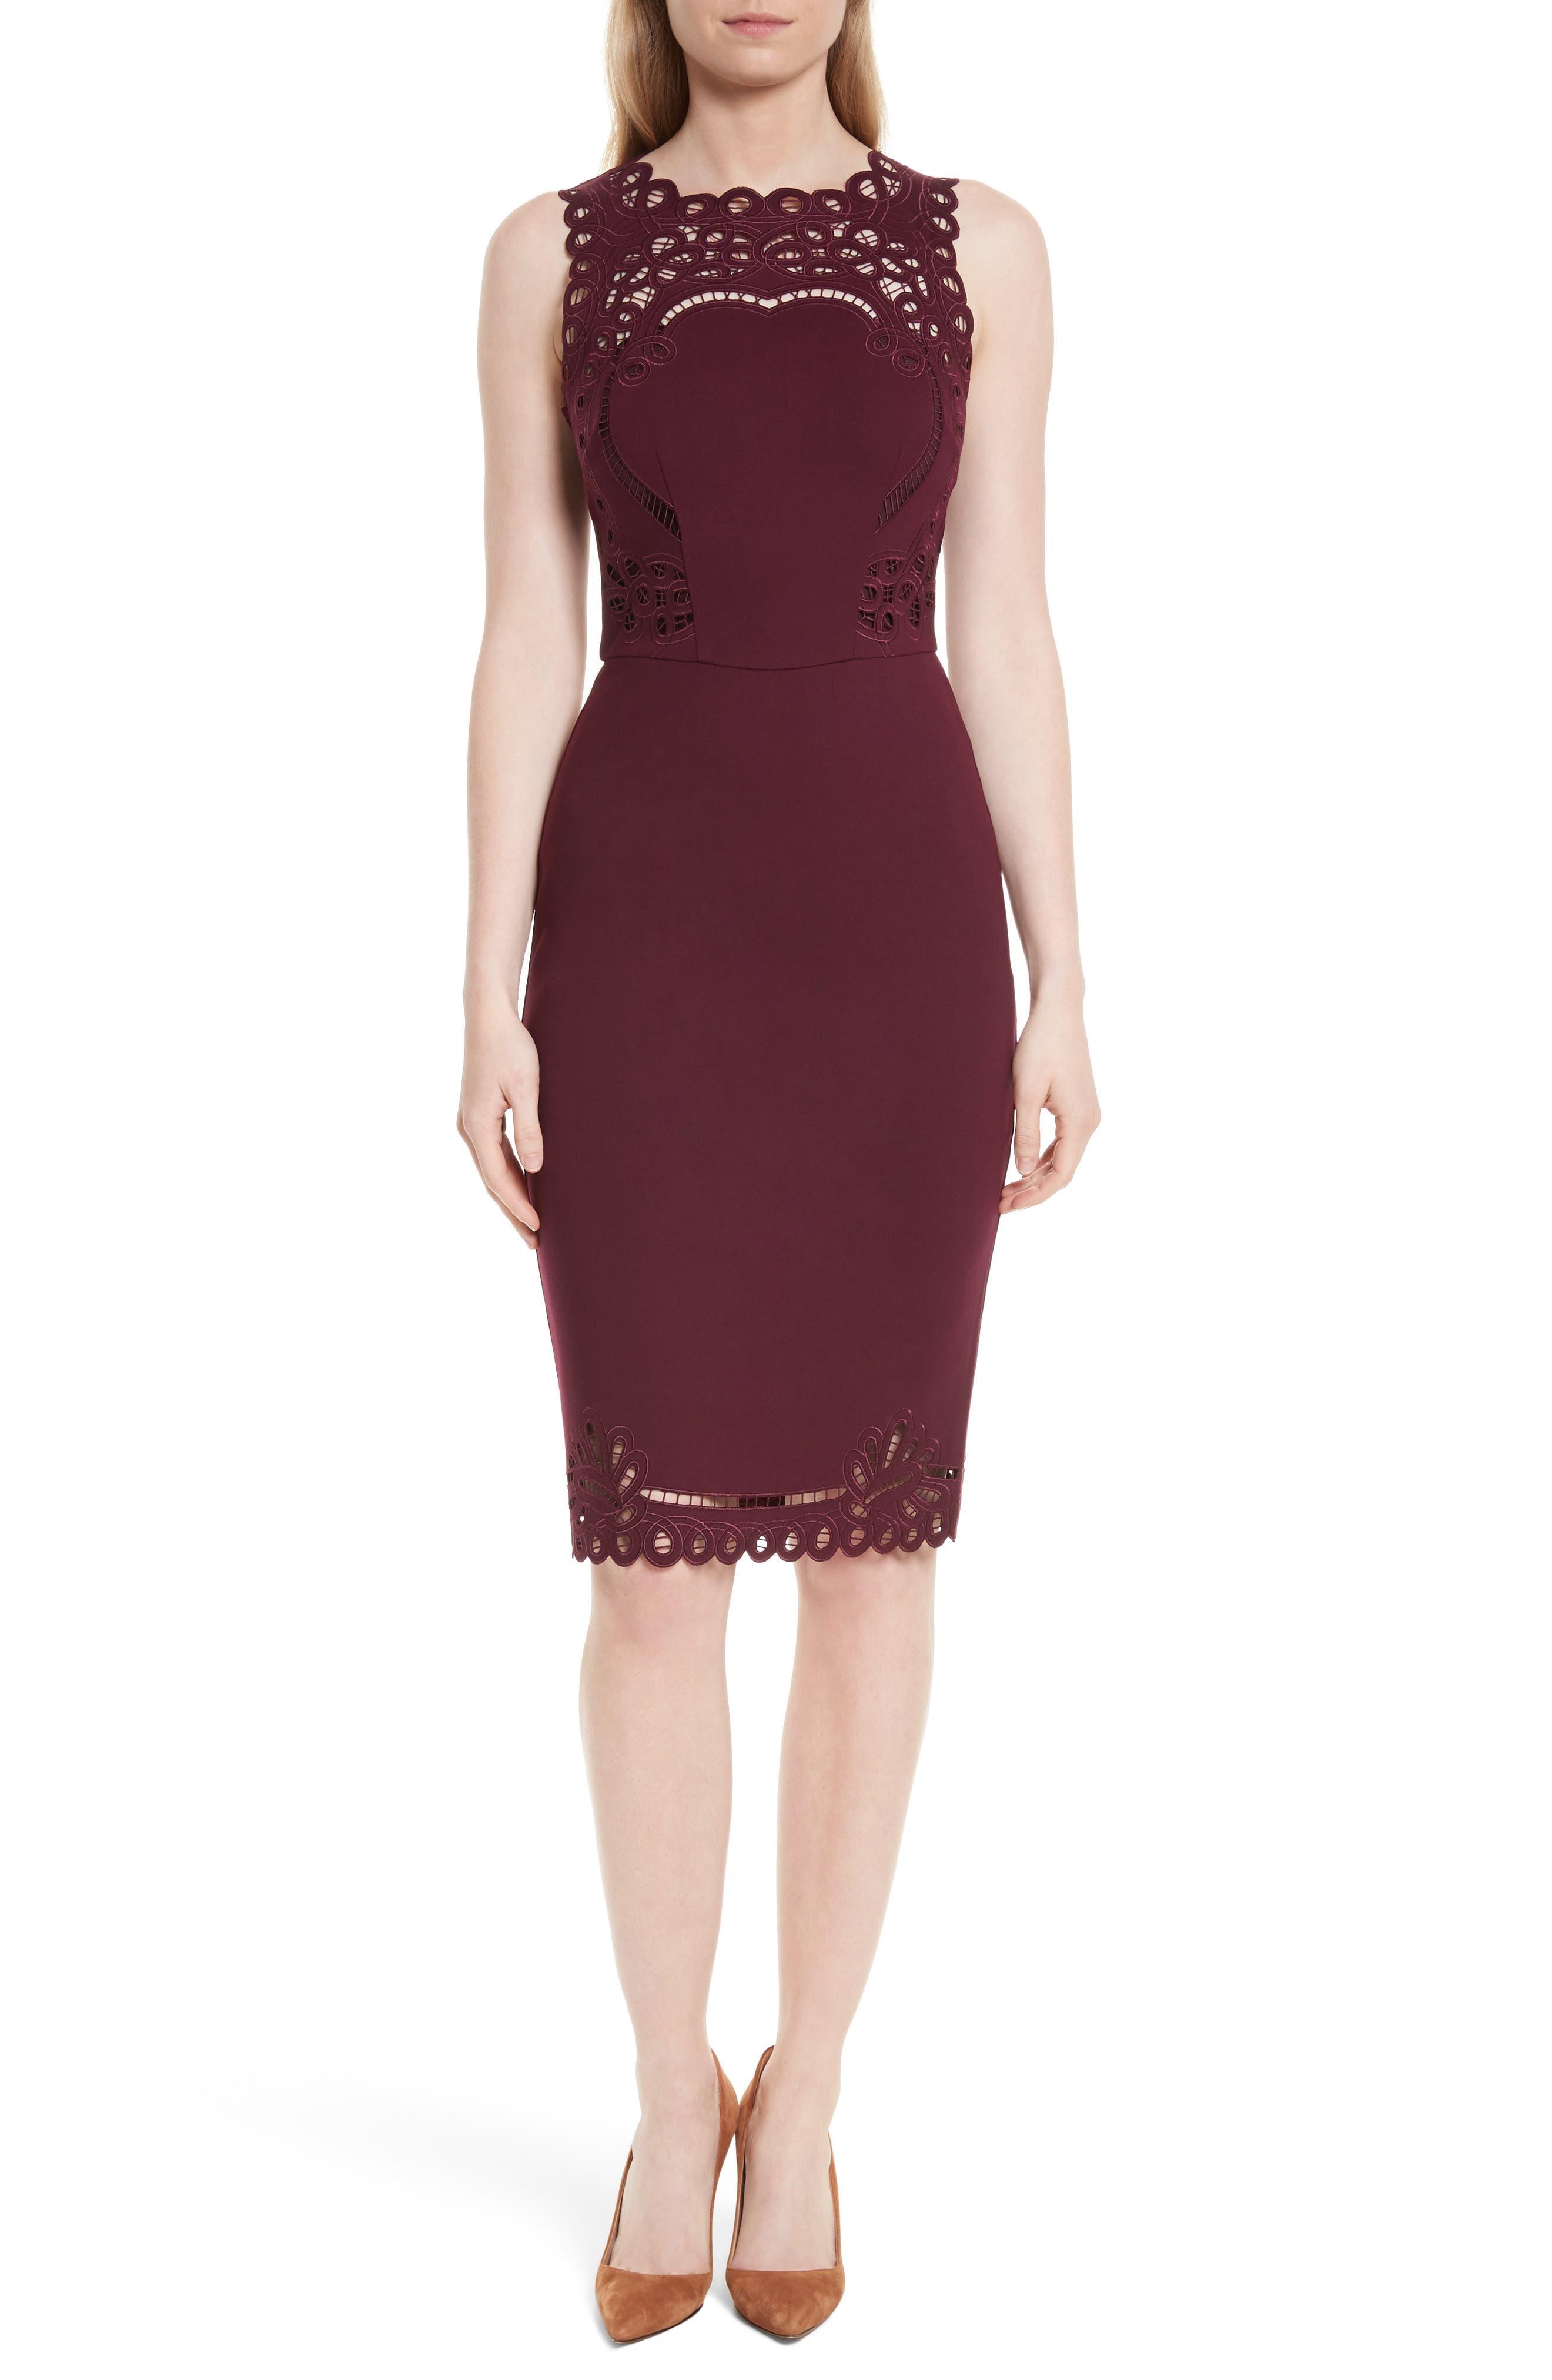 Verita Cutout Yoke Sheath Dress,                         Main,                         color, Maroon